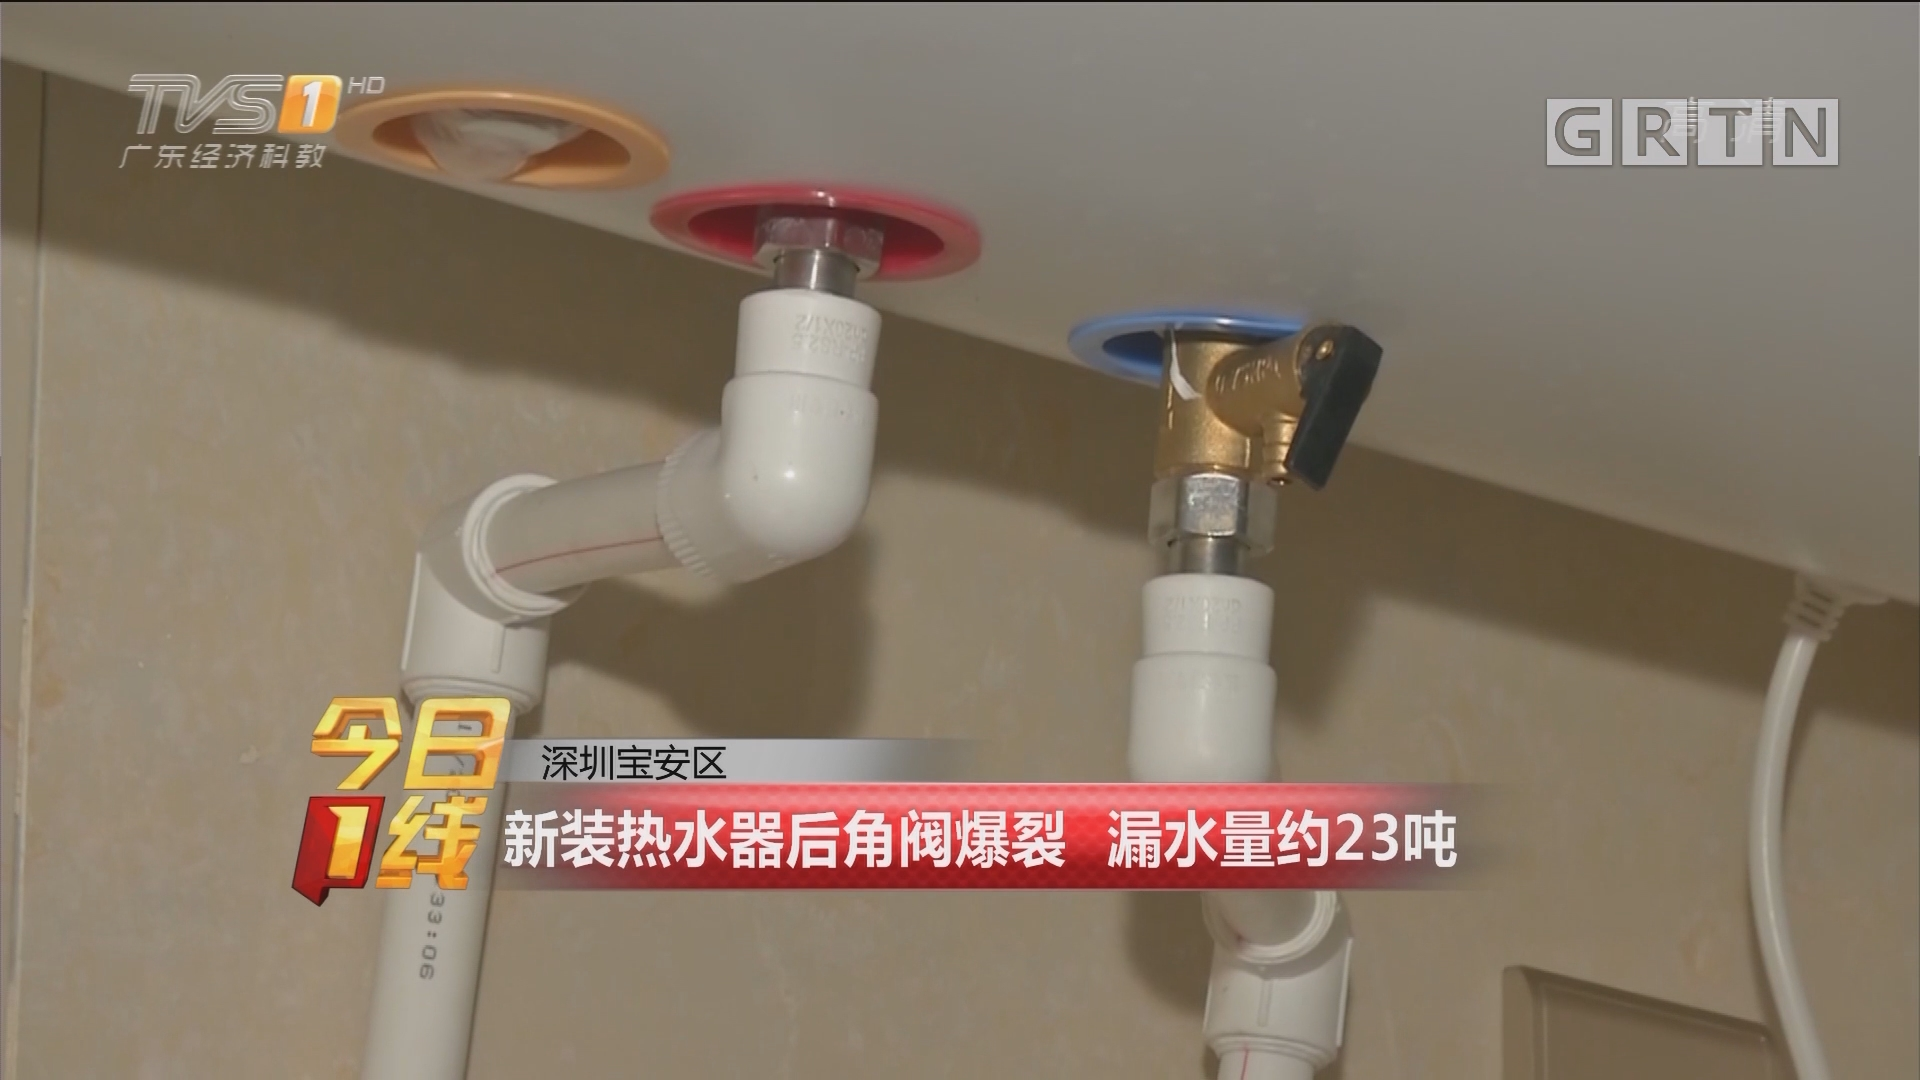 深圳宝安区:新装热水器后角阀爆裂 漏水量约23吨